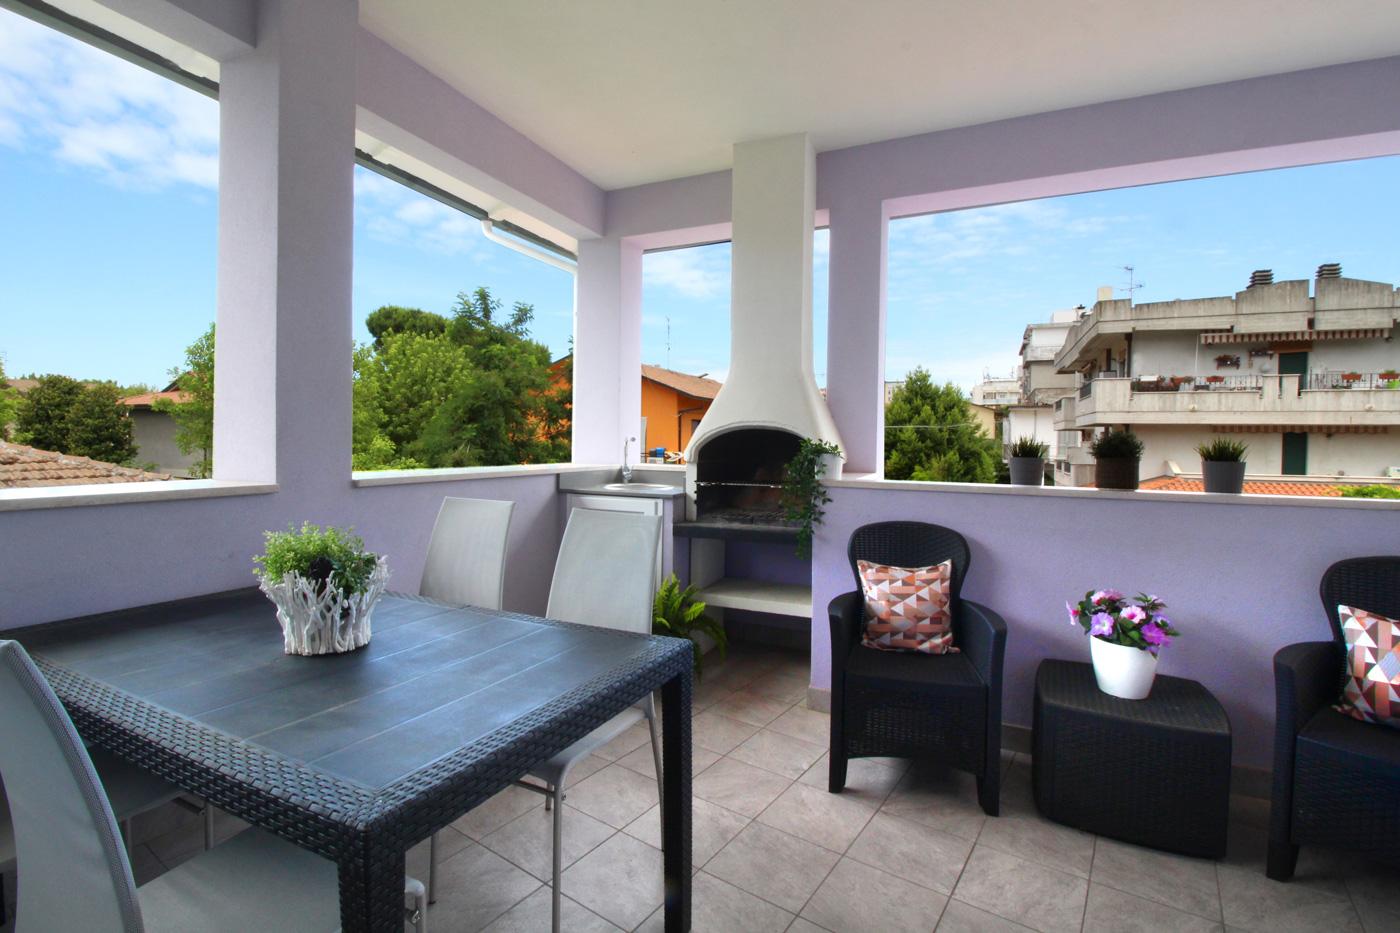 Appartamento Sofia_Romagna case vacanze_Gatteo mare_San mauro_9739_2